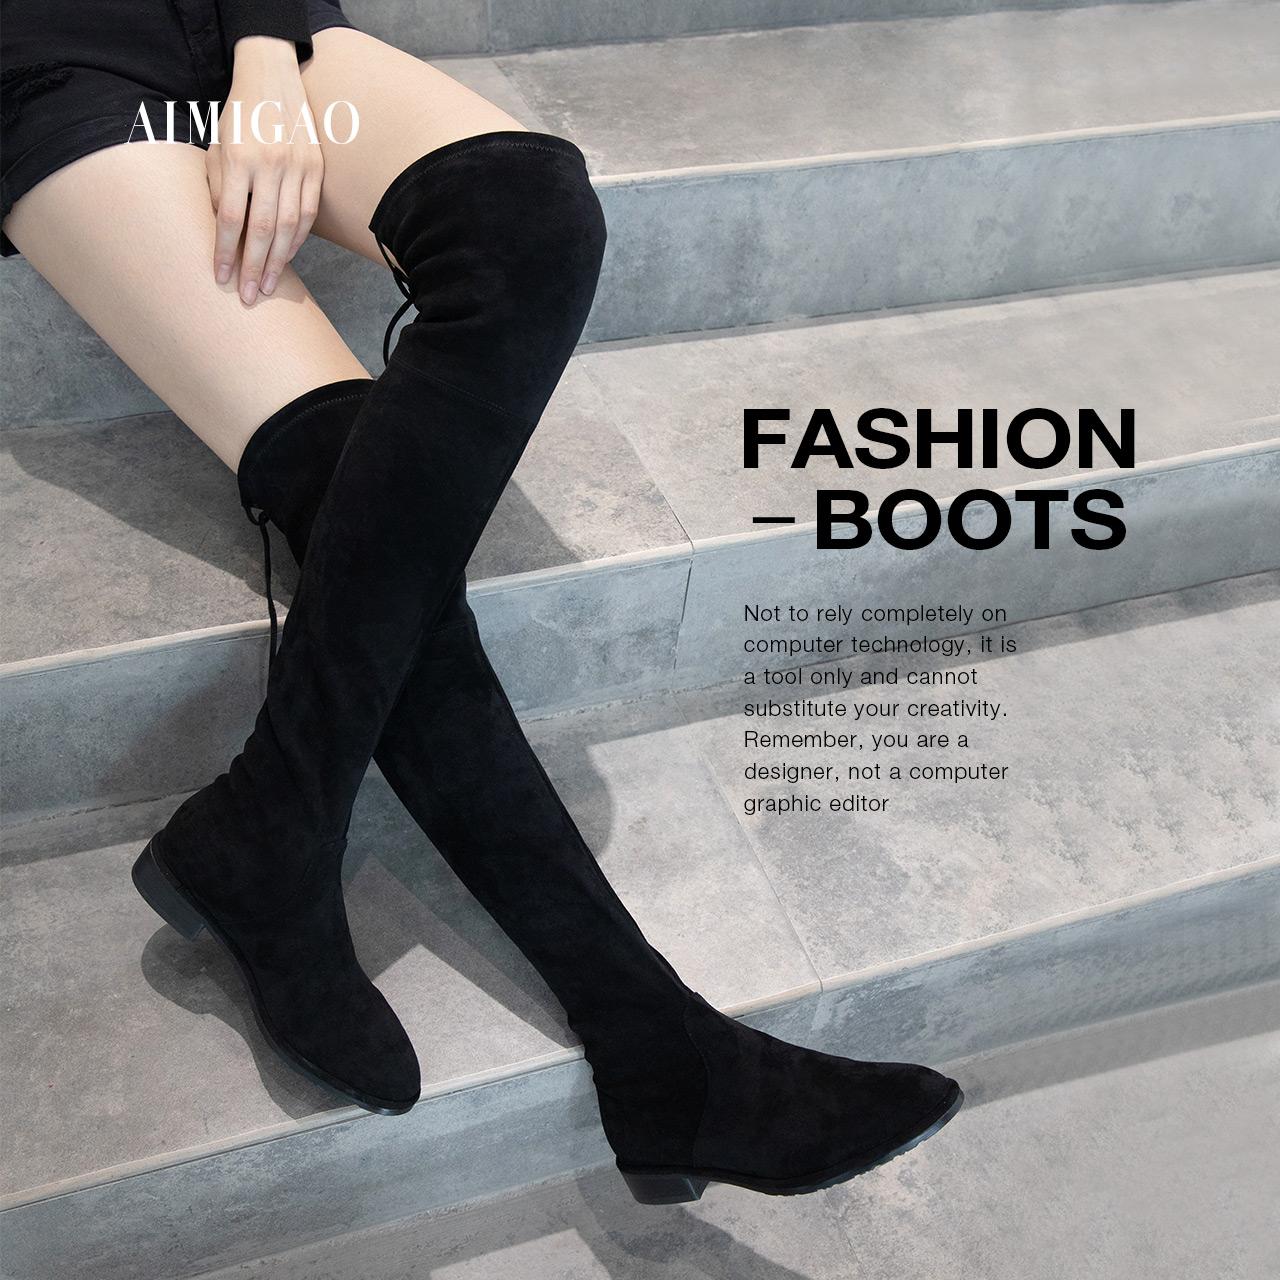 潮牌爱米高2018秋冬新品弹力羊猄绒过膝长靴女系带低粗跟高筒靴